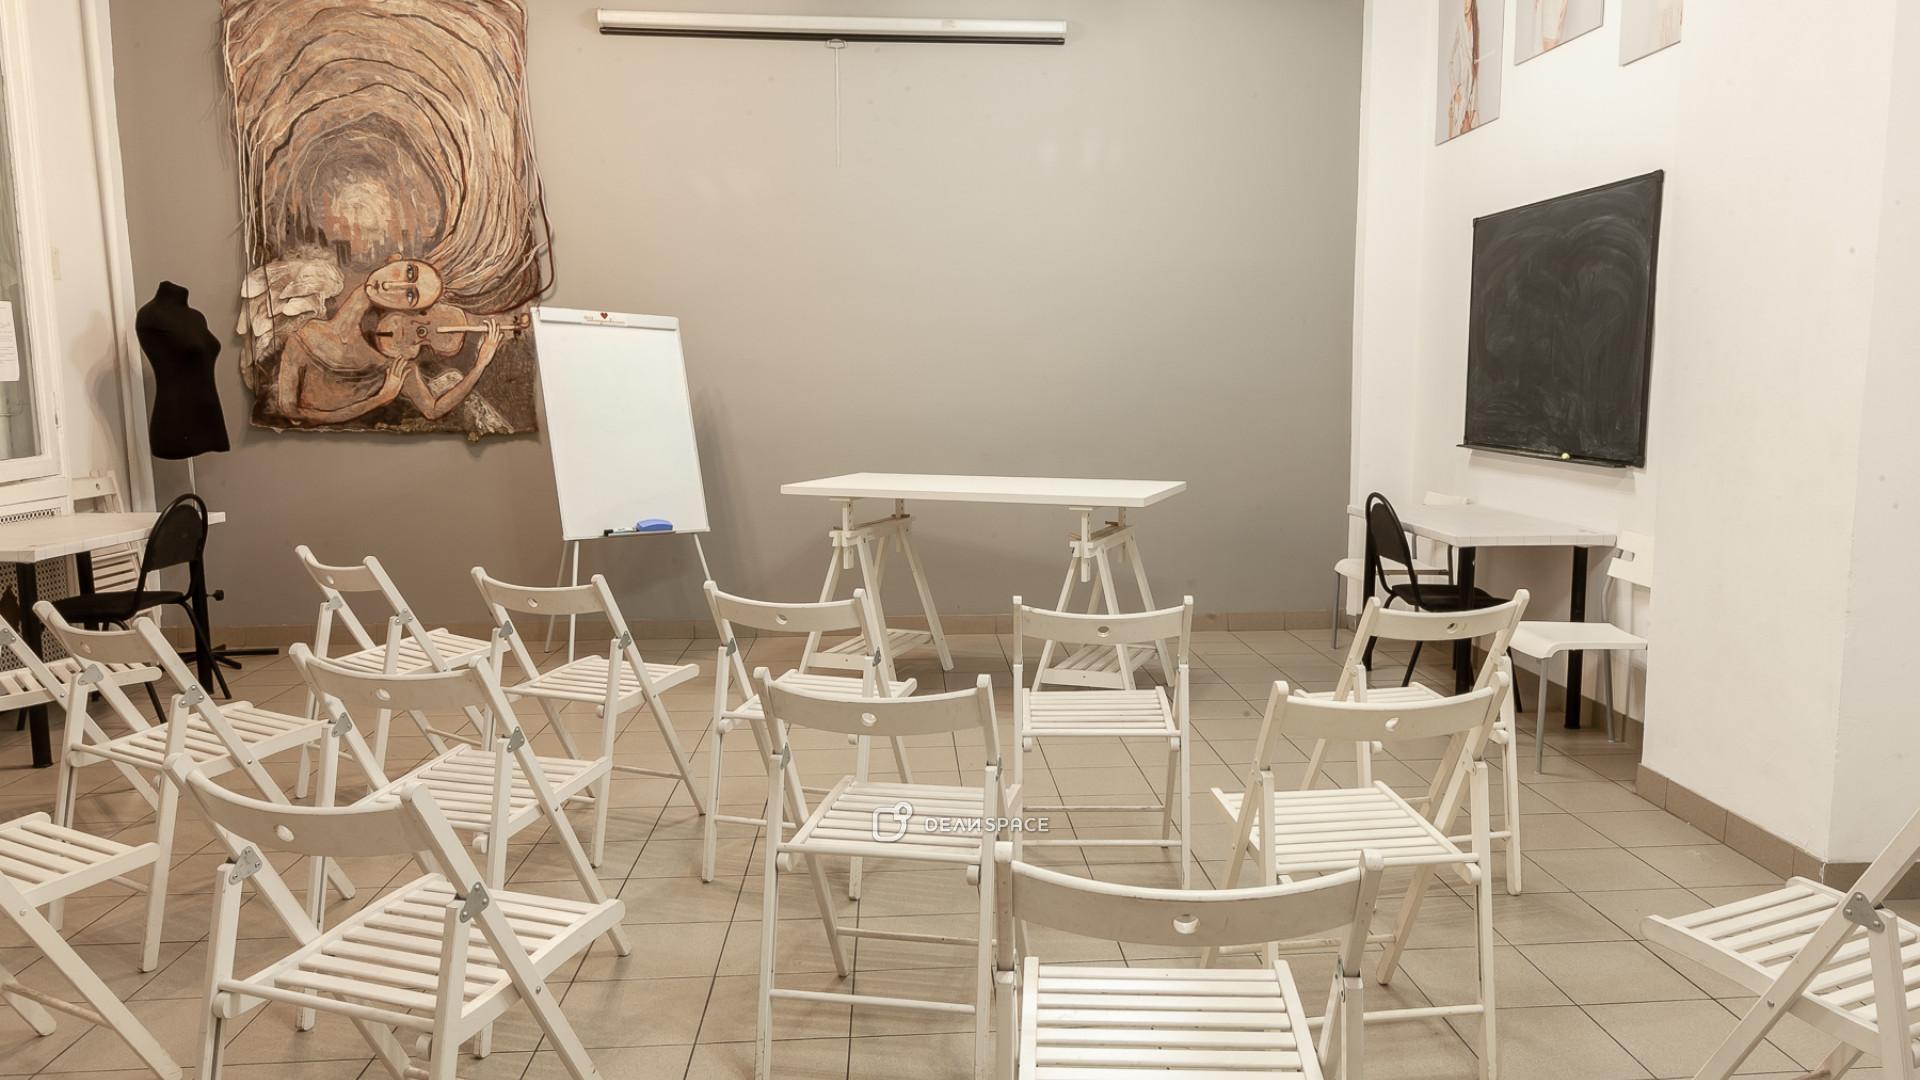 Зал для тренингов, семинаров и мастер-классов - фото №2